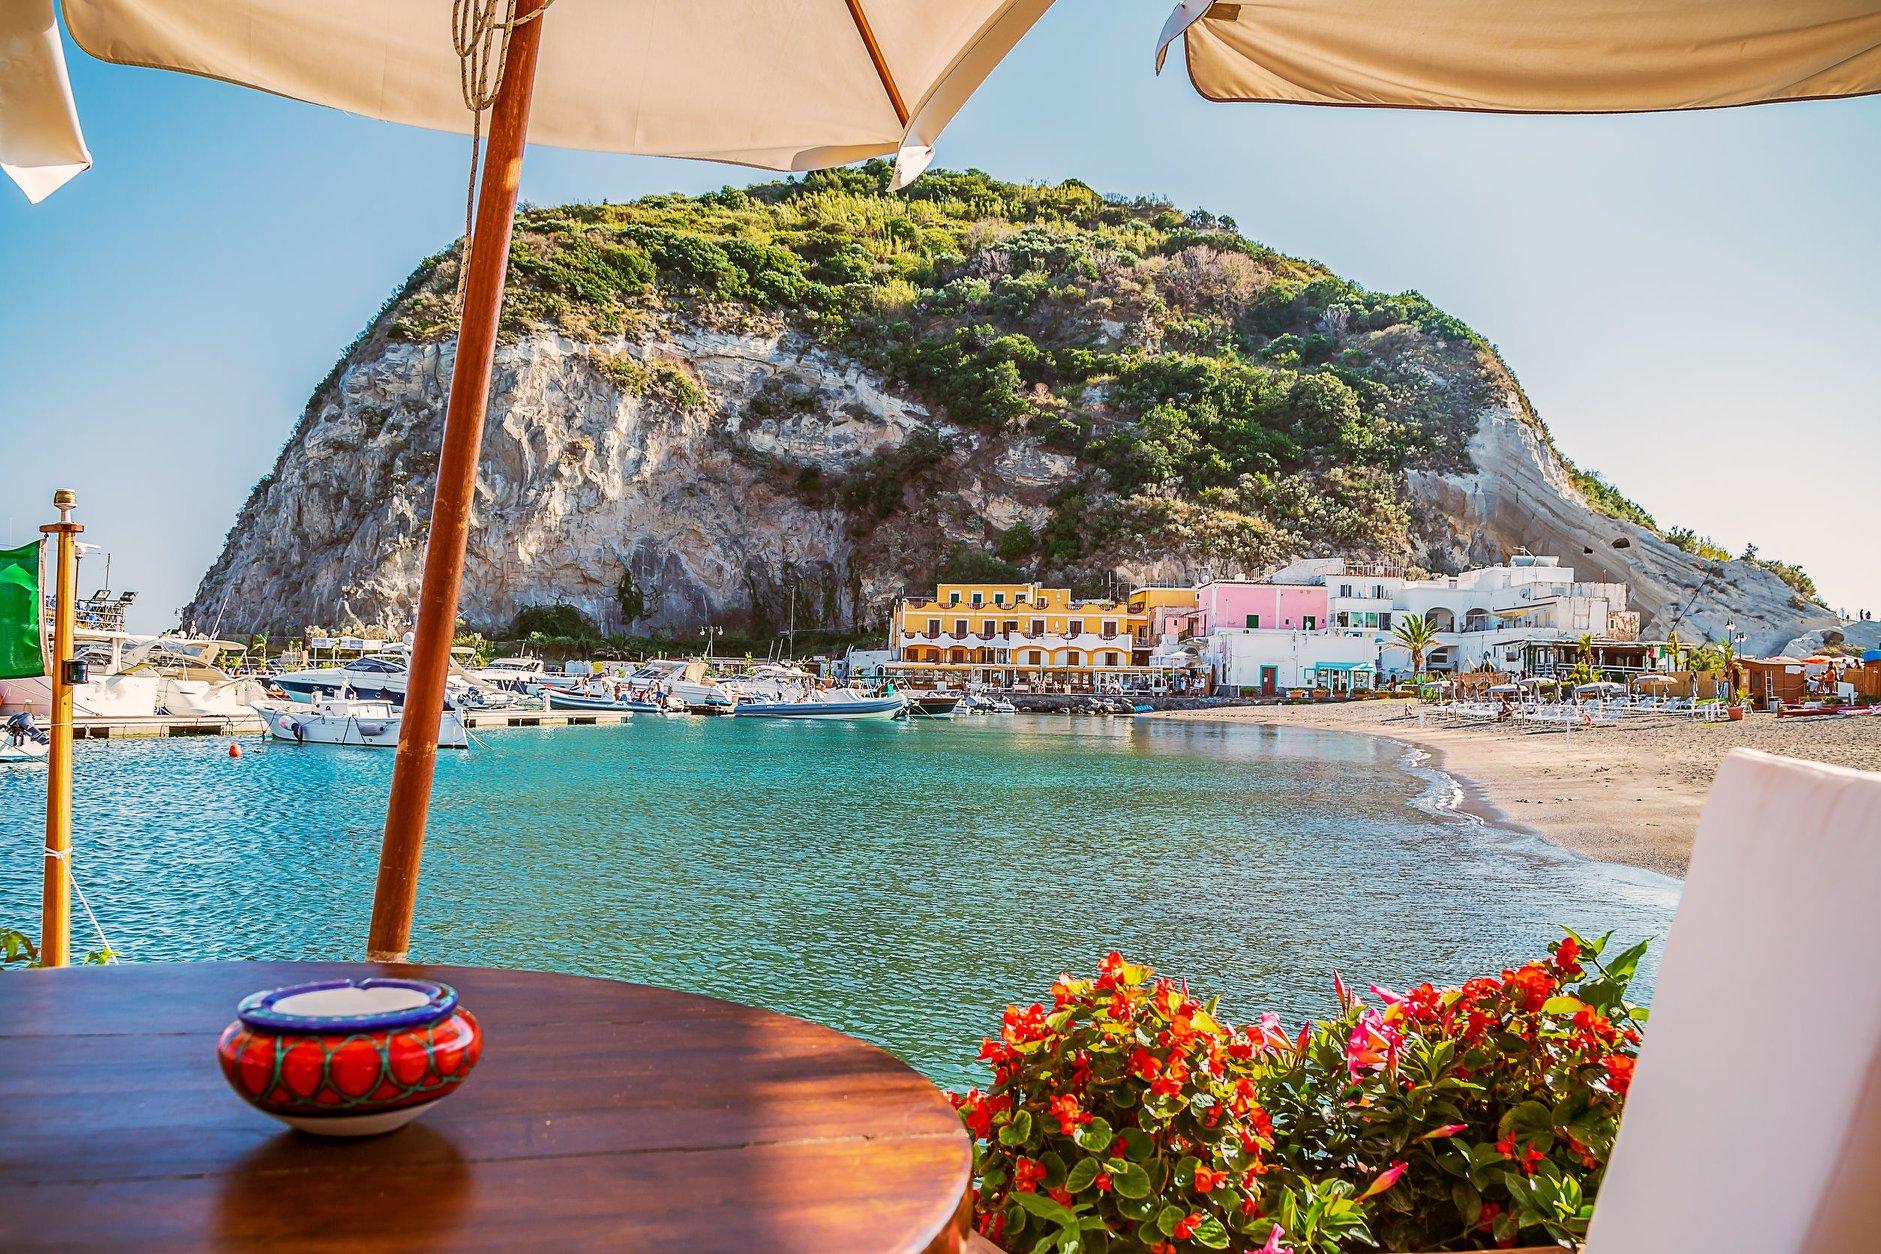 Soggiorno termale ad Ischia - RamiTours